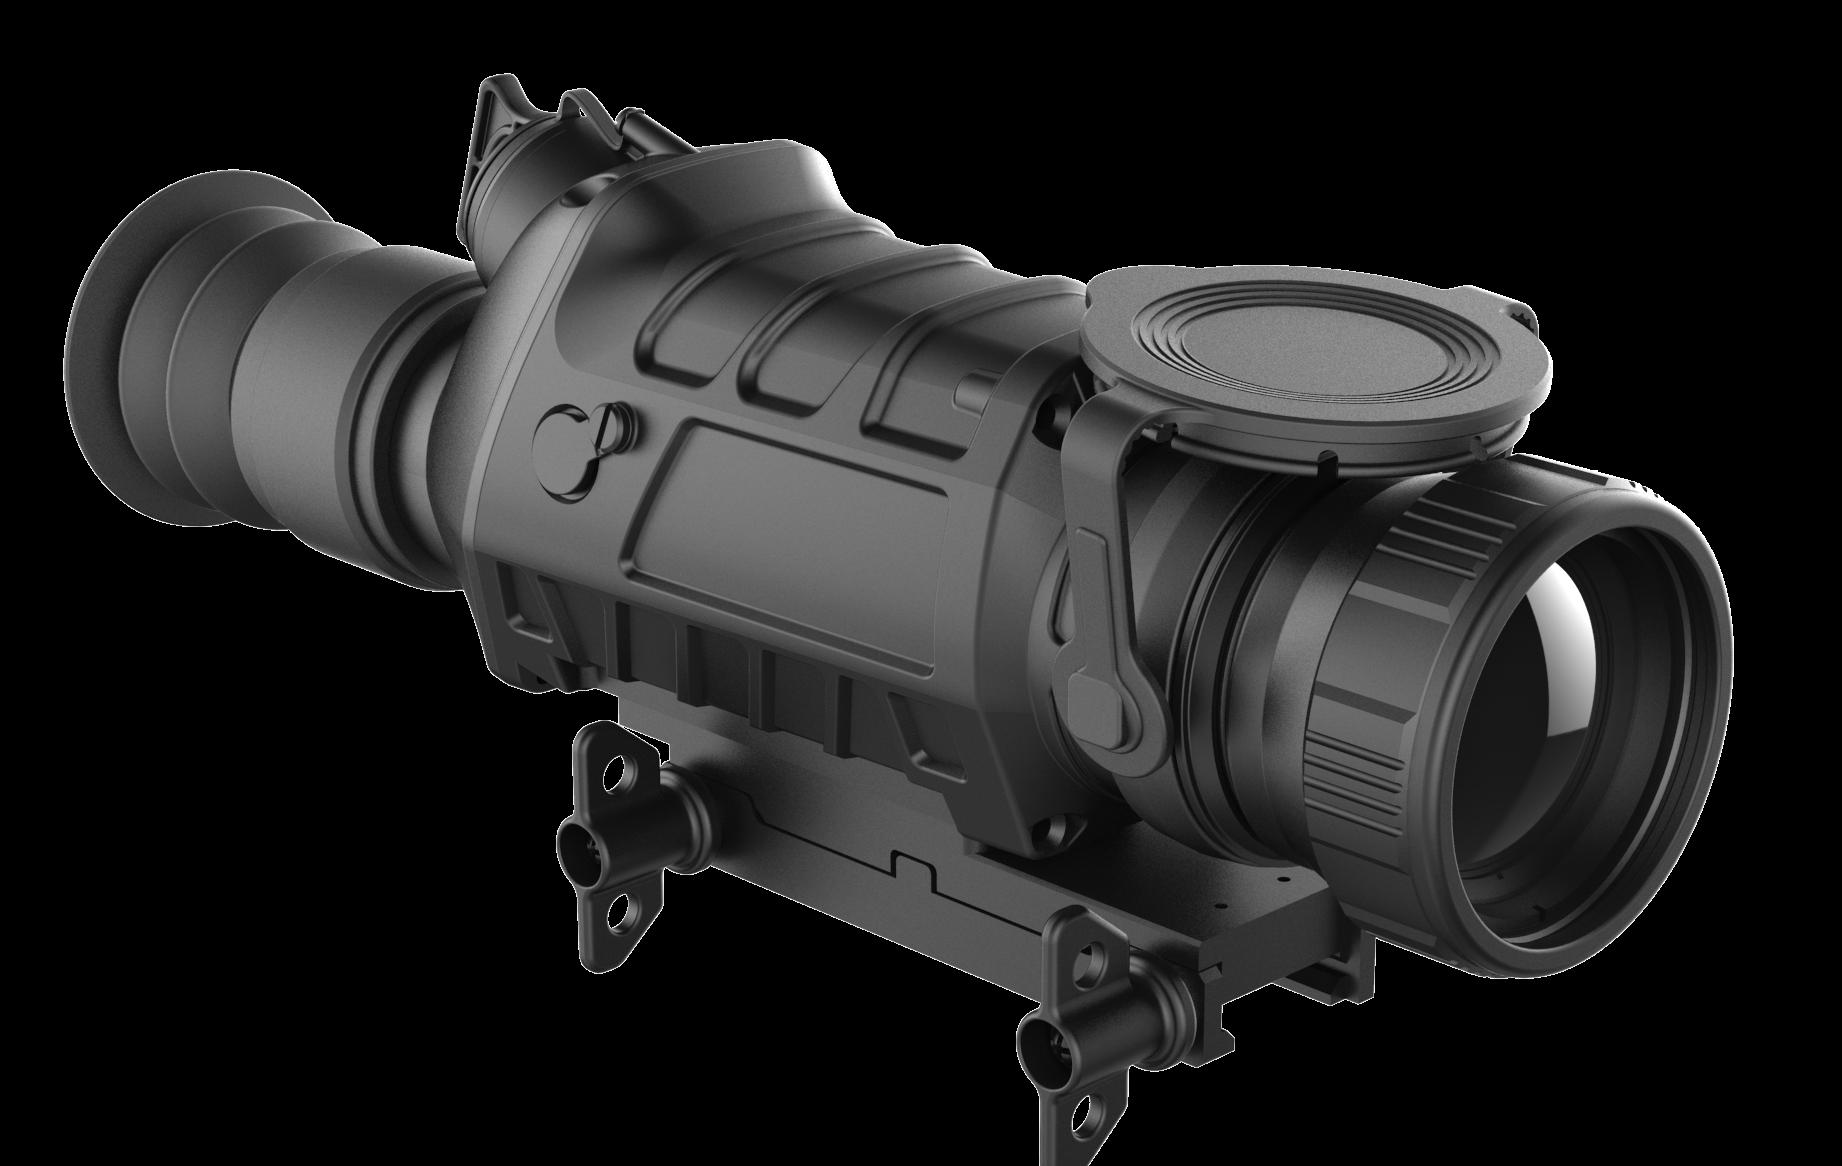 Luneta termowizyjna GUIDE TS450 - termowizja sklep online Knieja